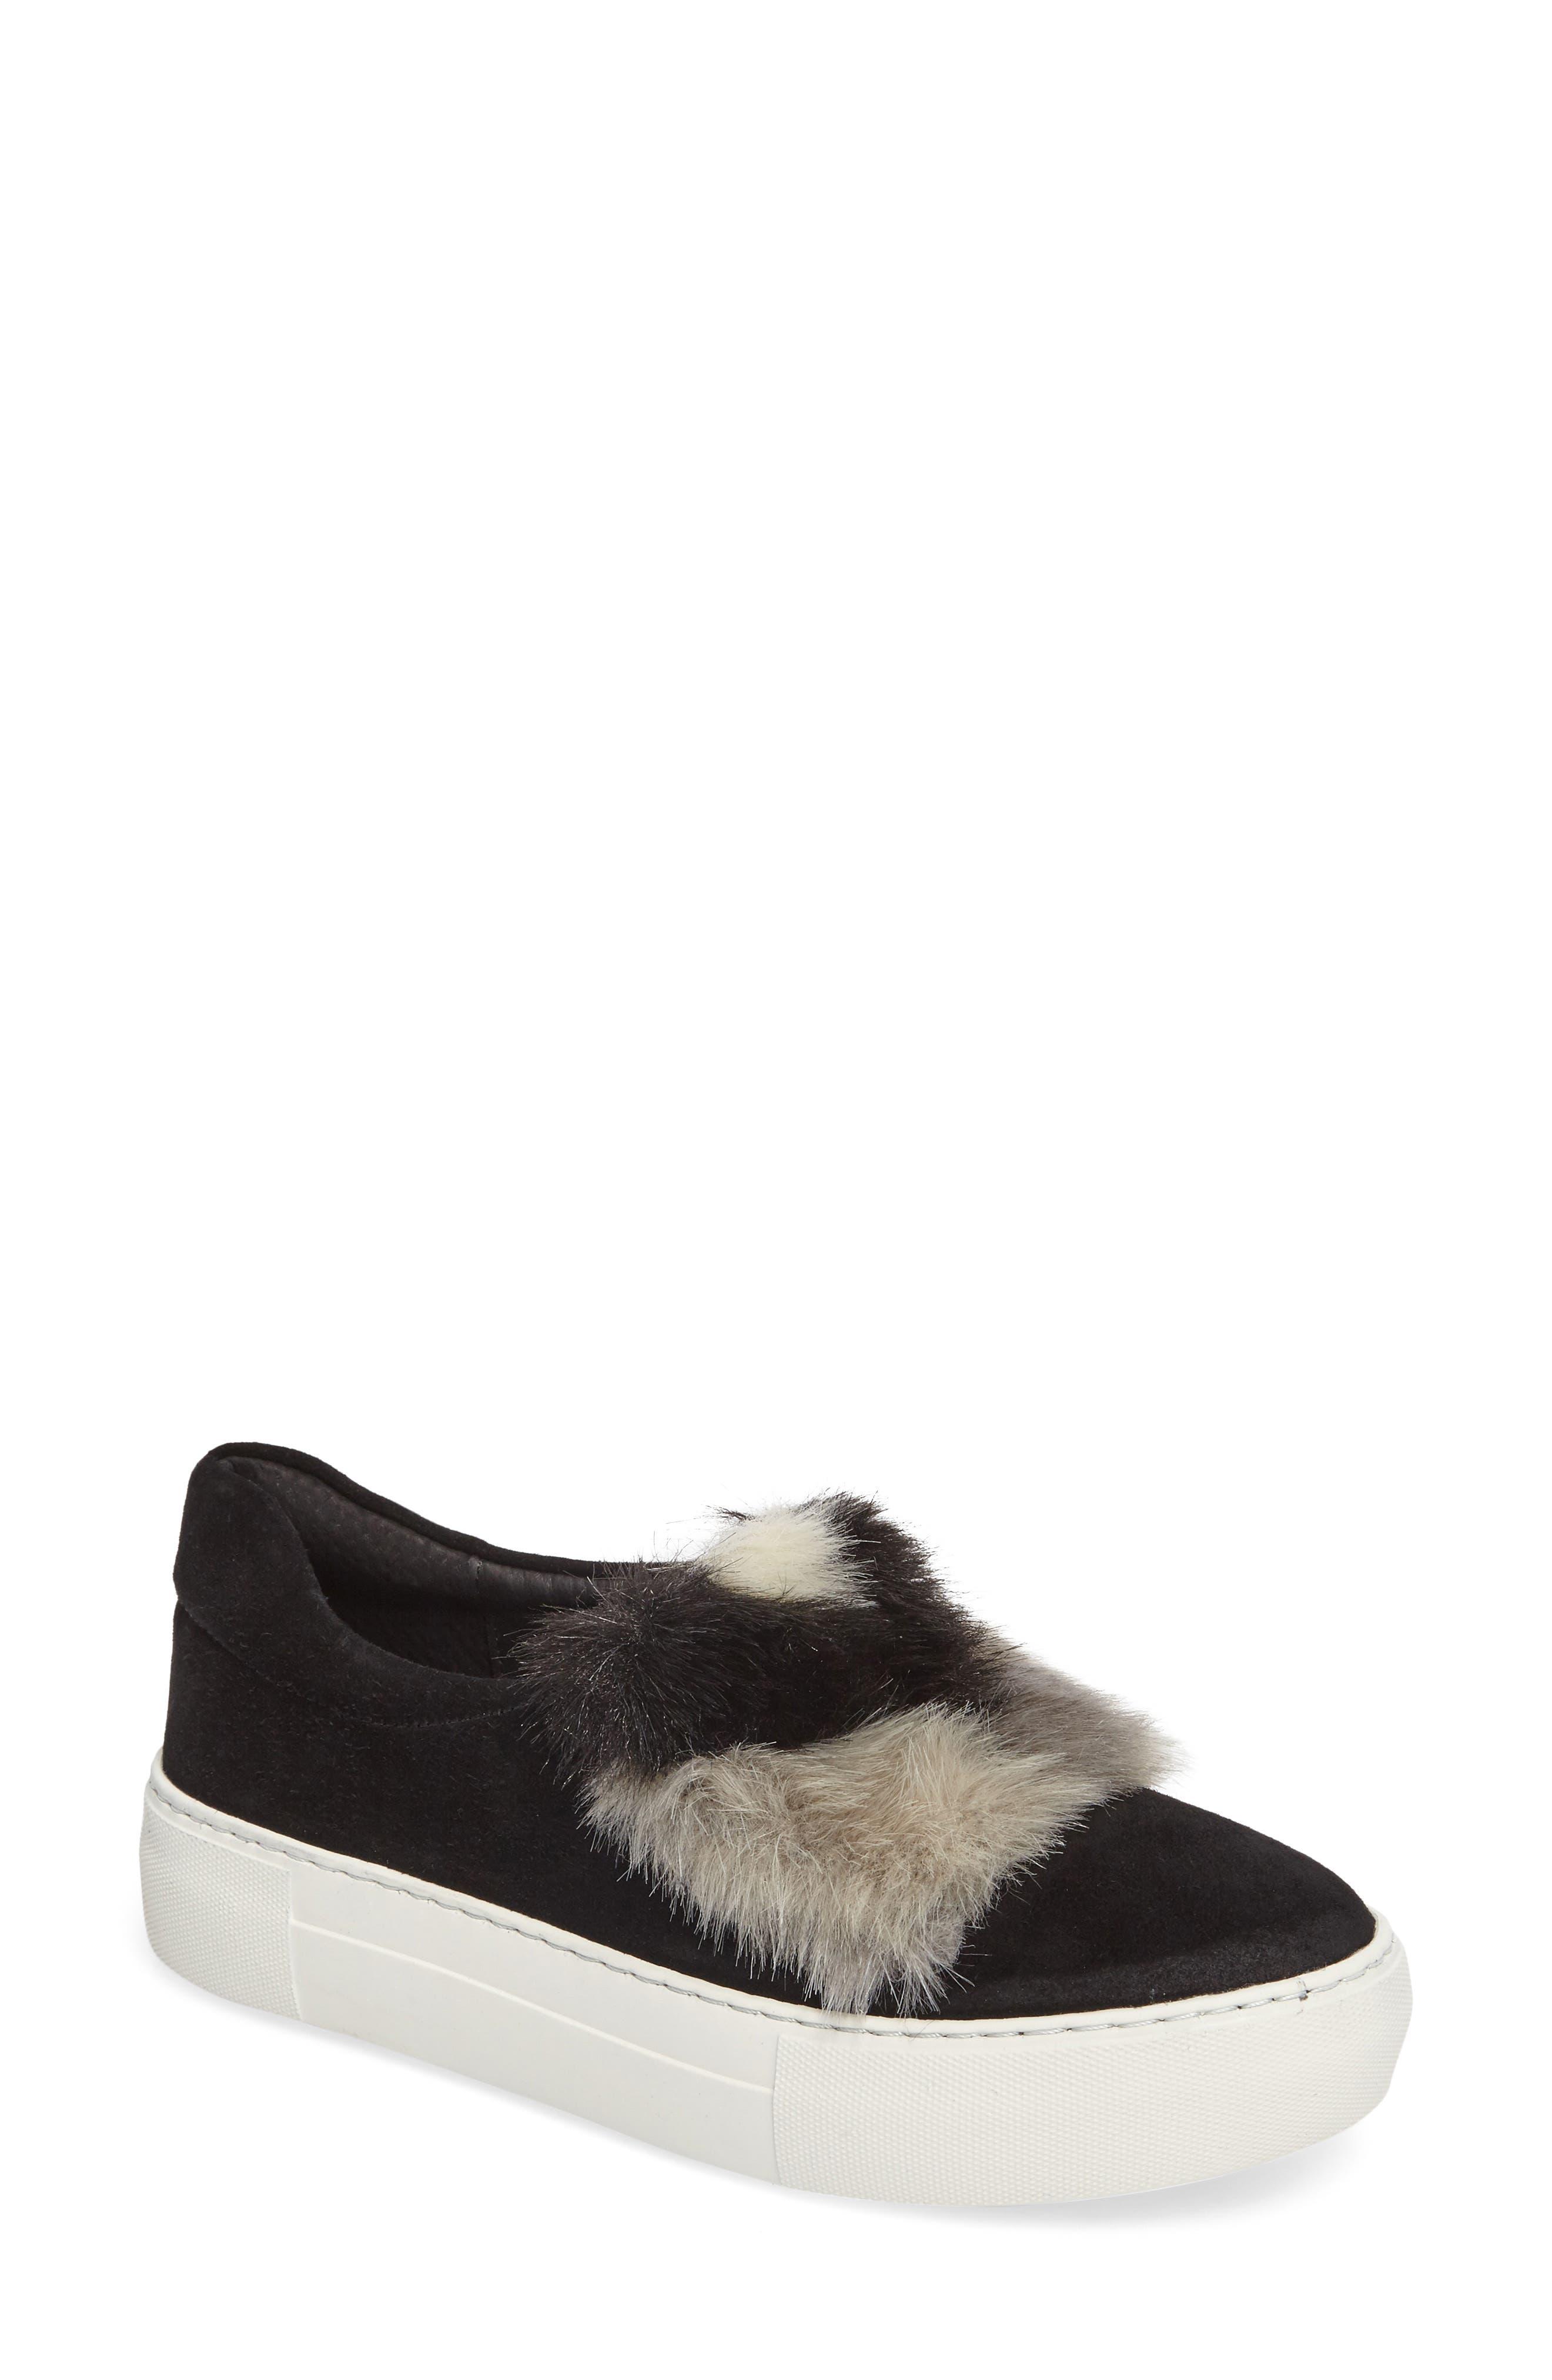 JSLIDES Alexi Faux Fur Slip-On Sneaker, Main, color, 002